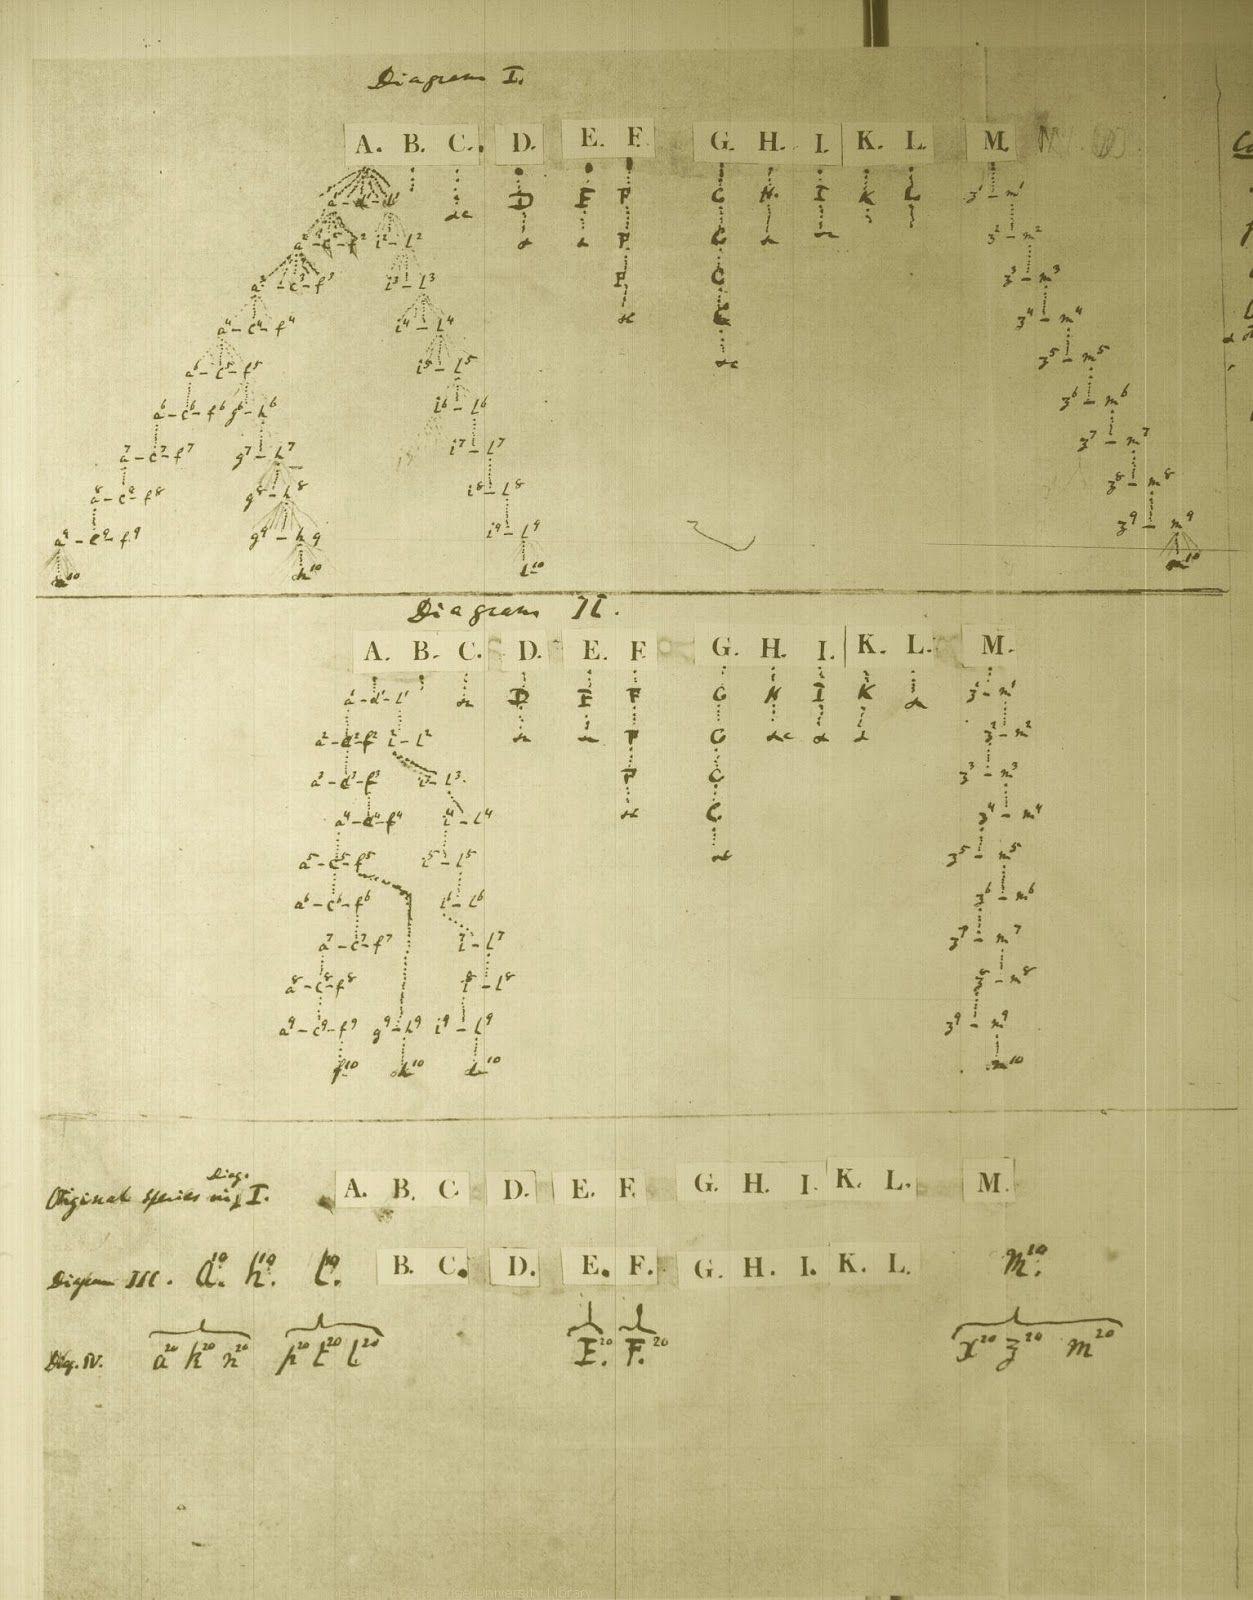 Arbre De L Evolution Des Especes Vivantes A Partir D Un Ancetre Commun Arbre Phylogenetique Croquis De Darwi Arbre Phylogenetique Cahier Arbre Genealogique